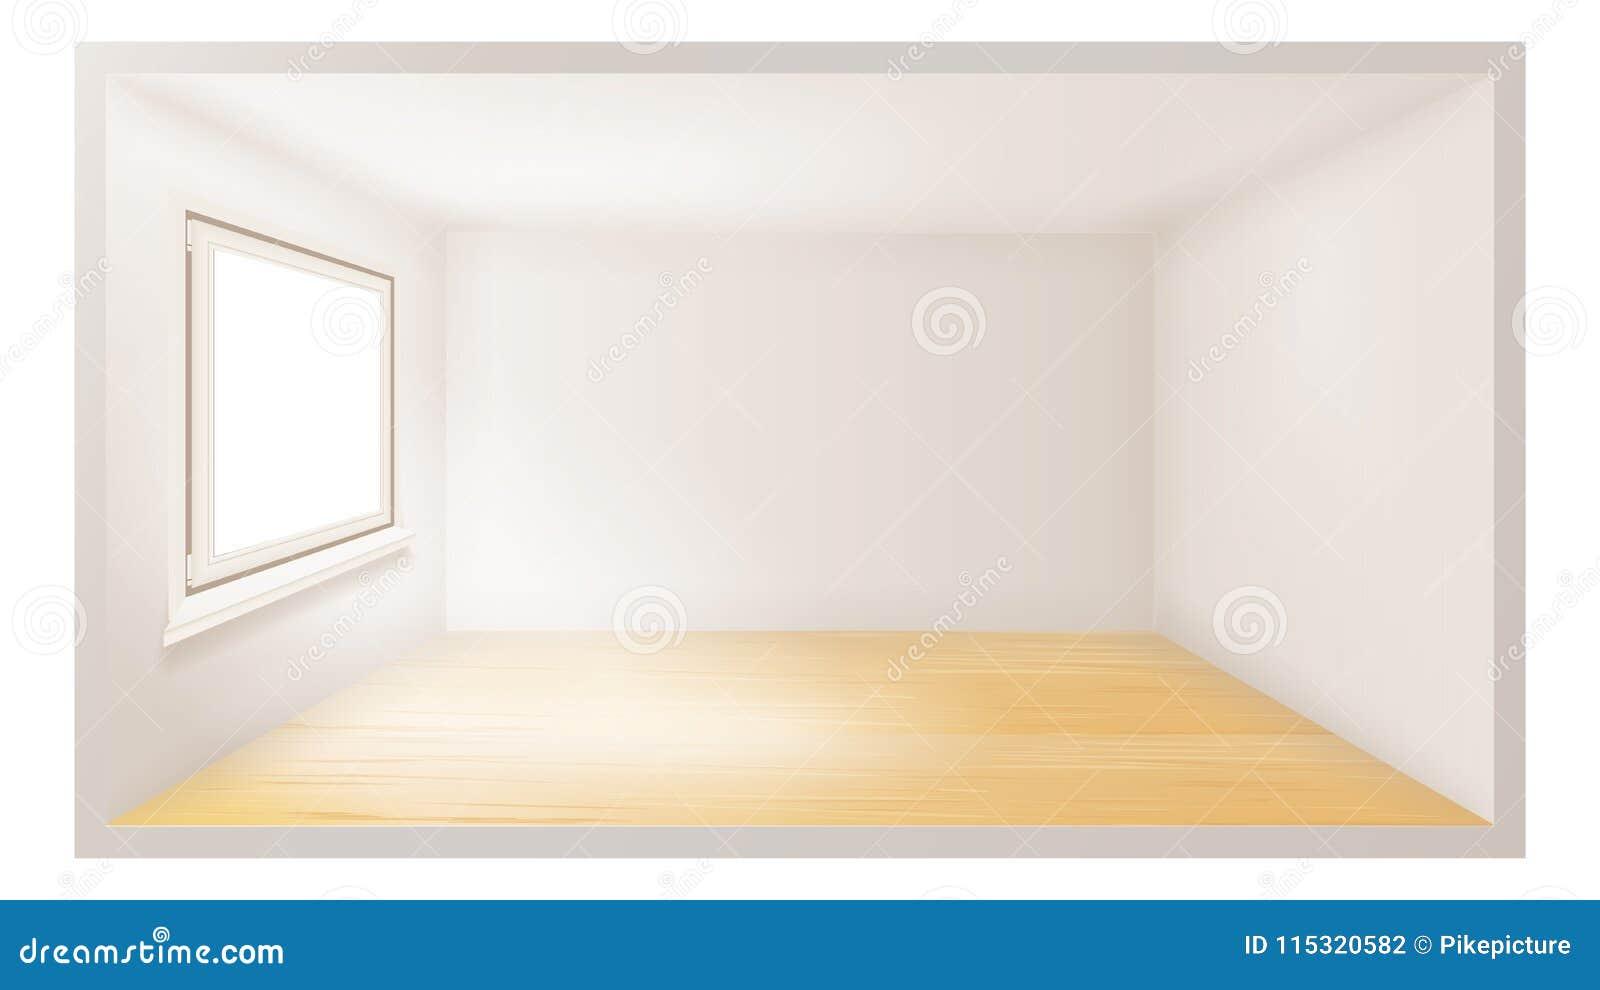 Töm rumvektorn wall white fönster för vektor för svart ramillustration plastic Arkitekturlägenhet realistisk illustration 3d